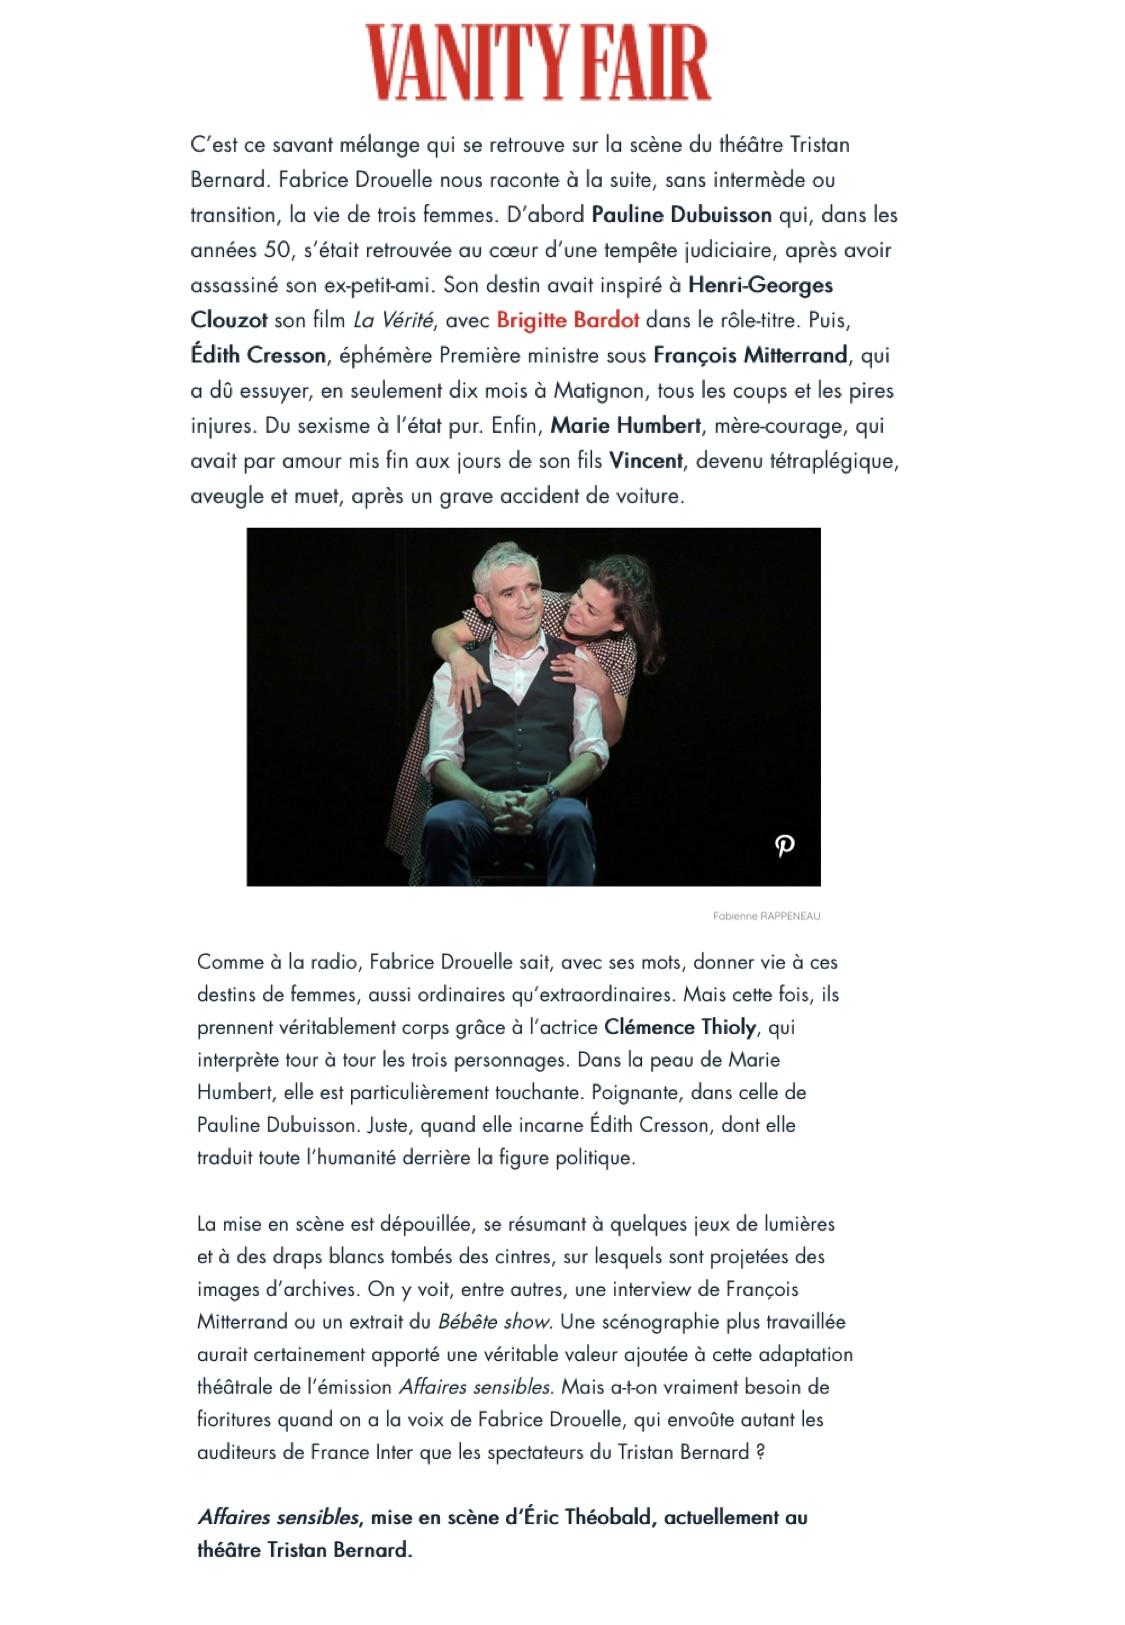 Vanity Fair p2 30.09.20